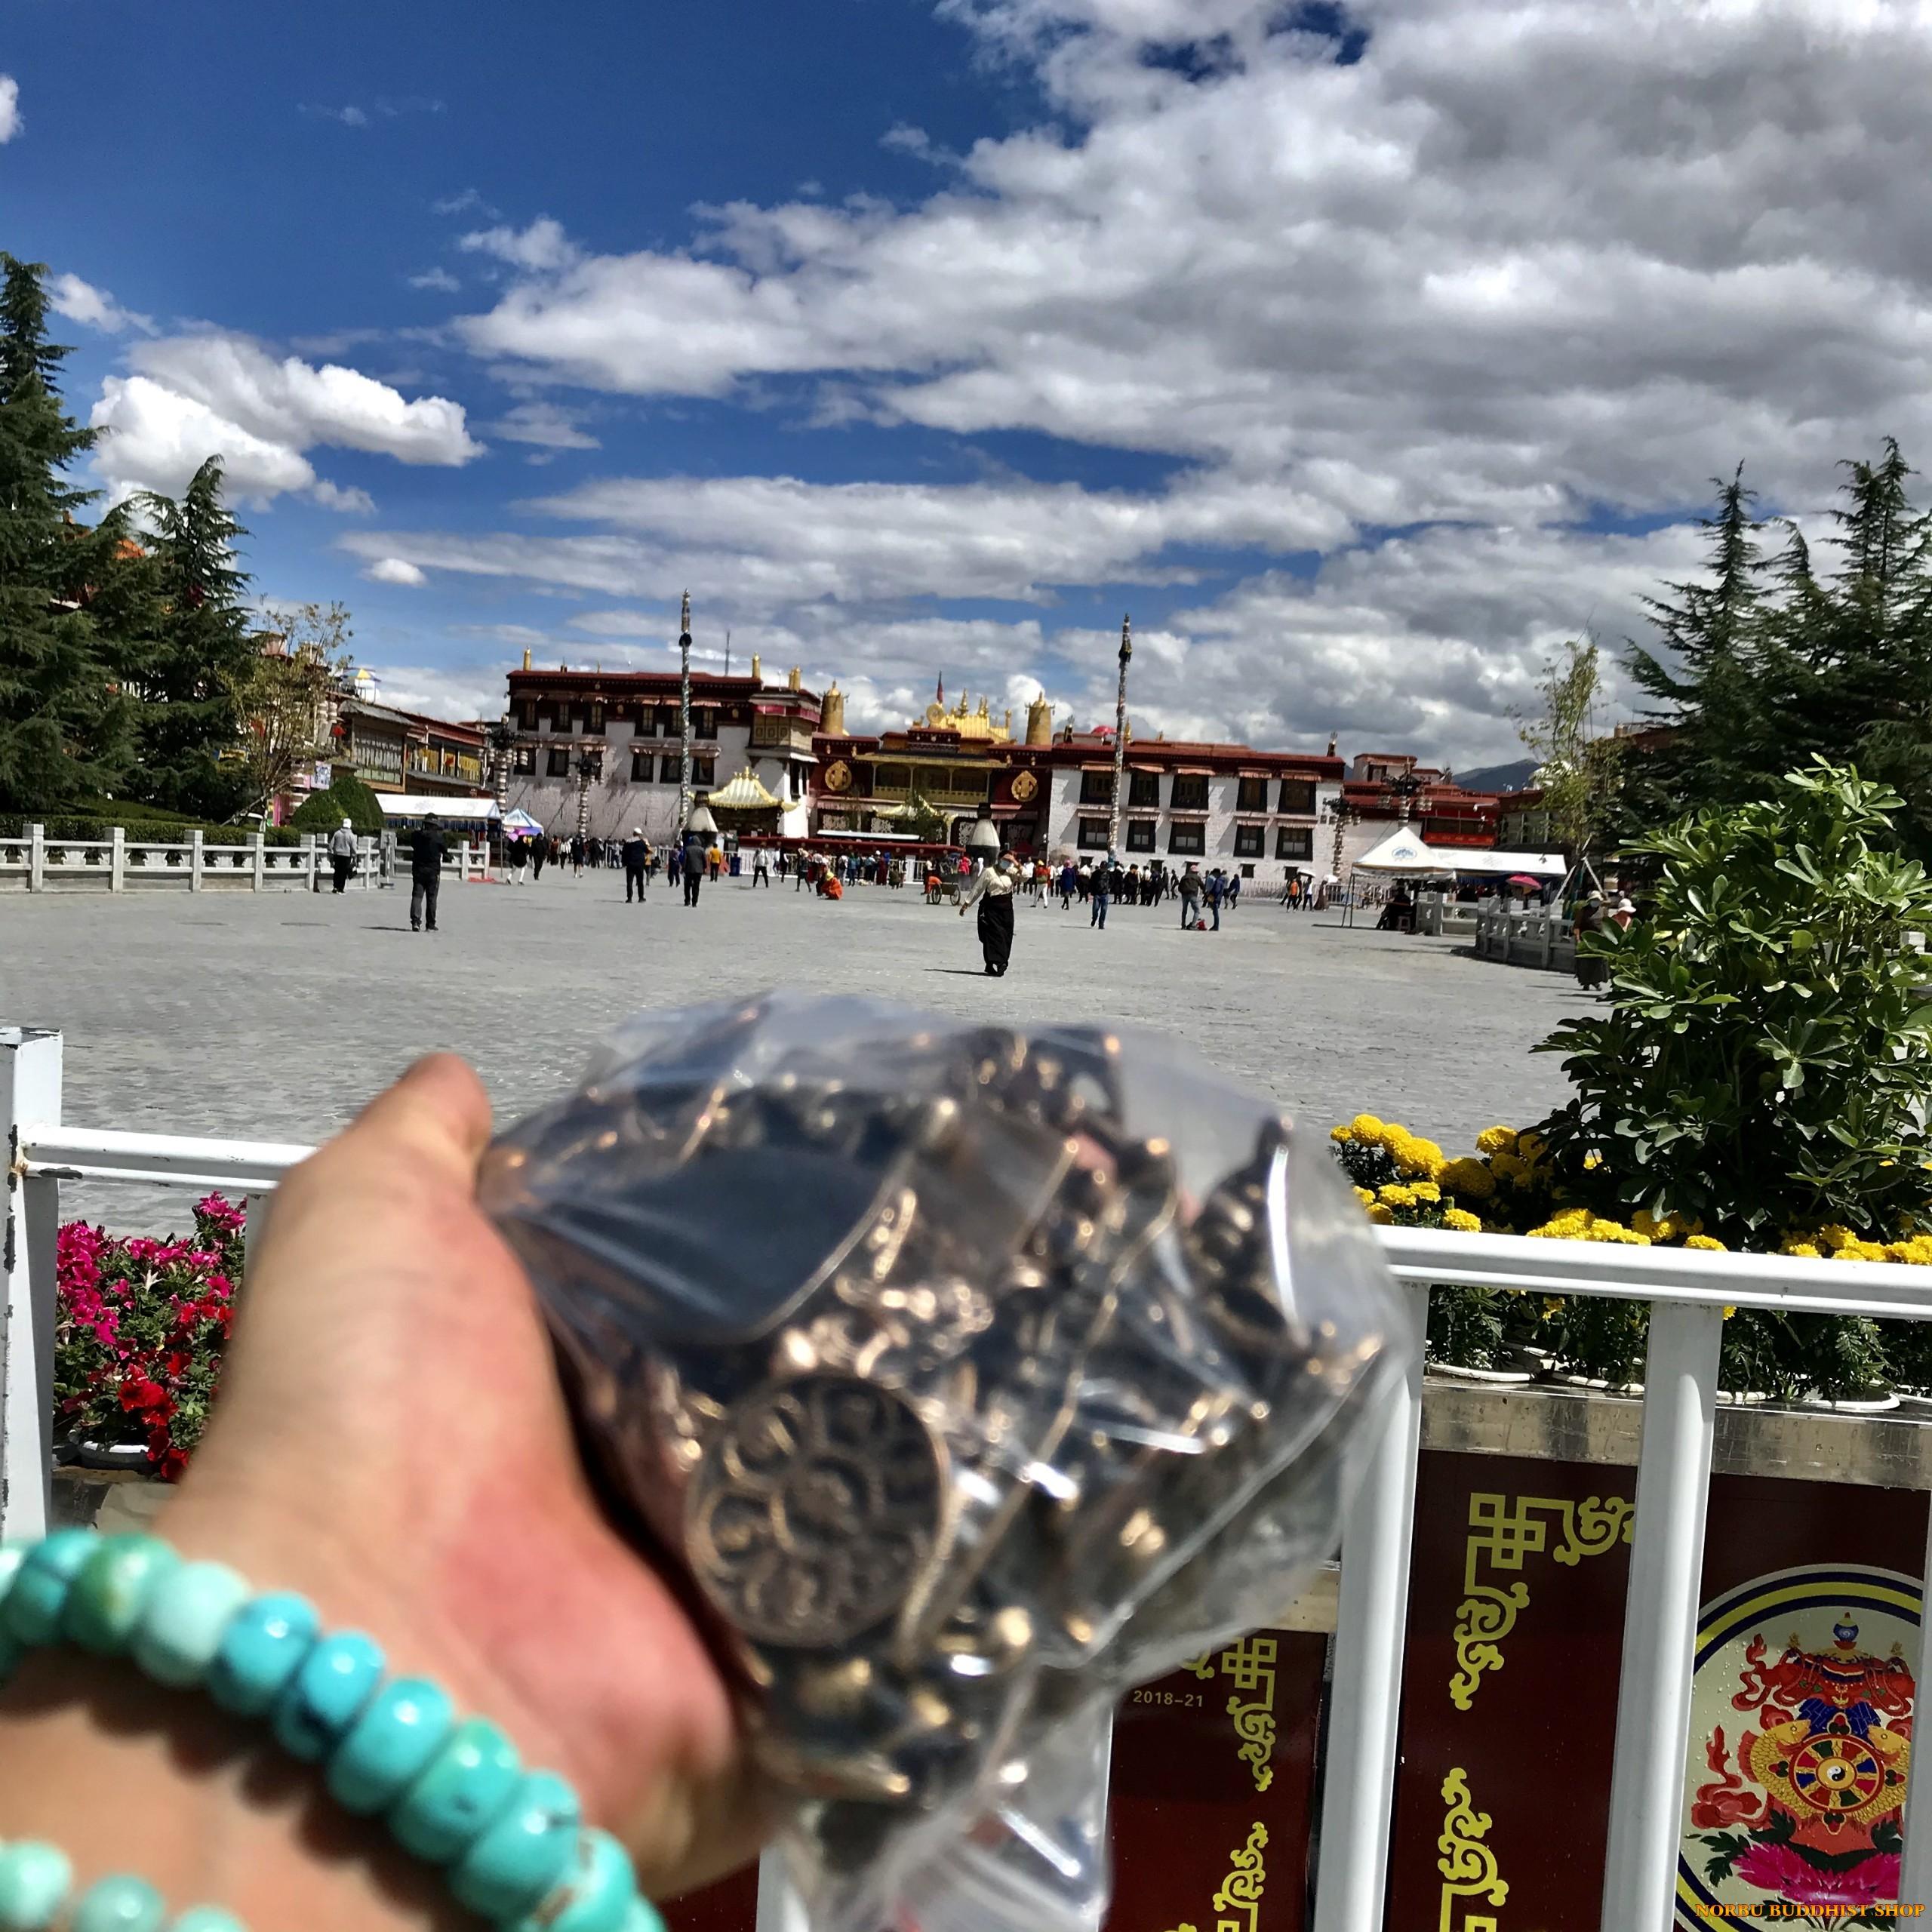 Thokcha bùa hộ mệnh xứ Tây Tạng Bí mật Thogcha Amulets mà bạn cần biết 6